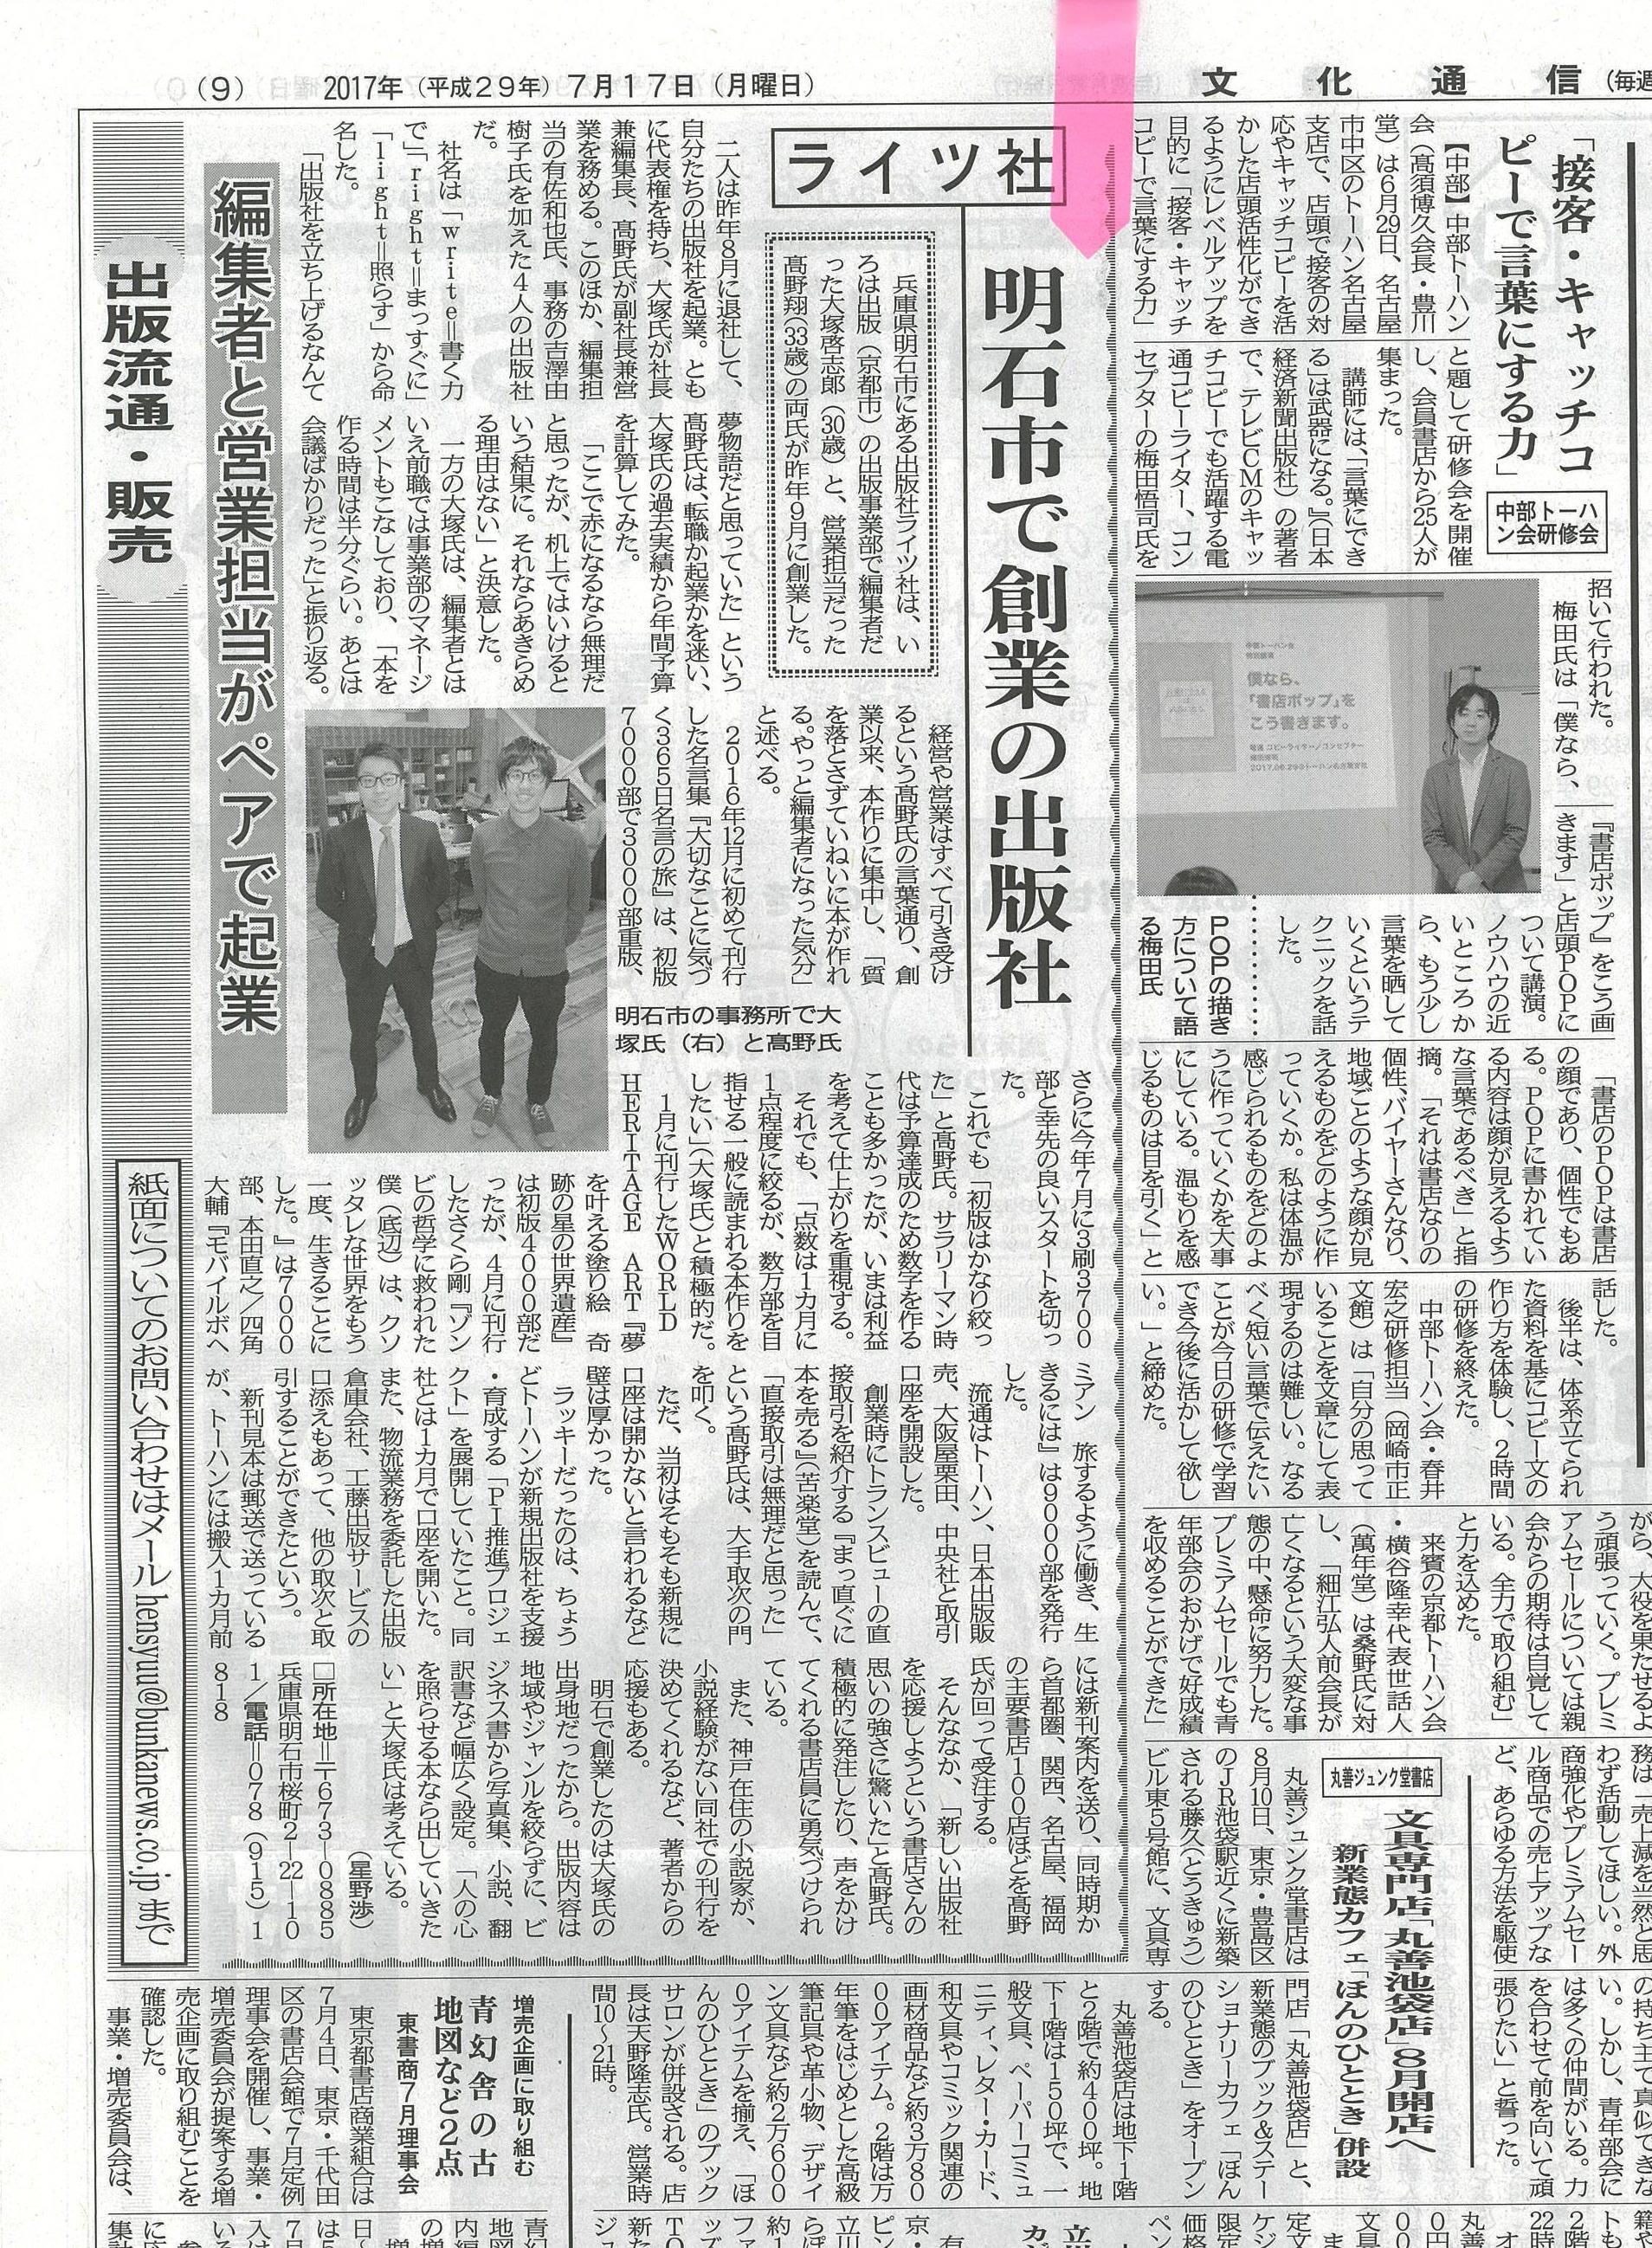 「メディア産業の総合専門誌「文化通信」にライツ社を紹介していただきました。」記事アイキャッチ画像